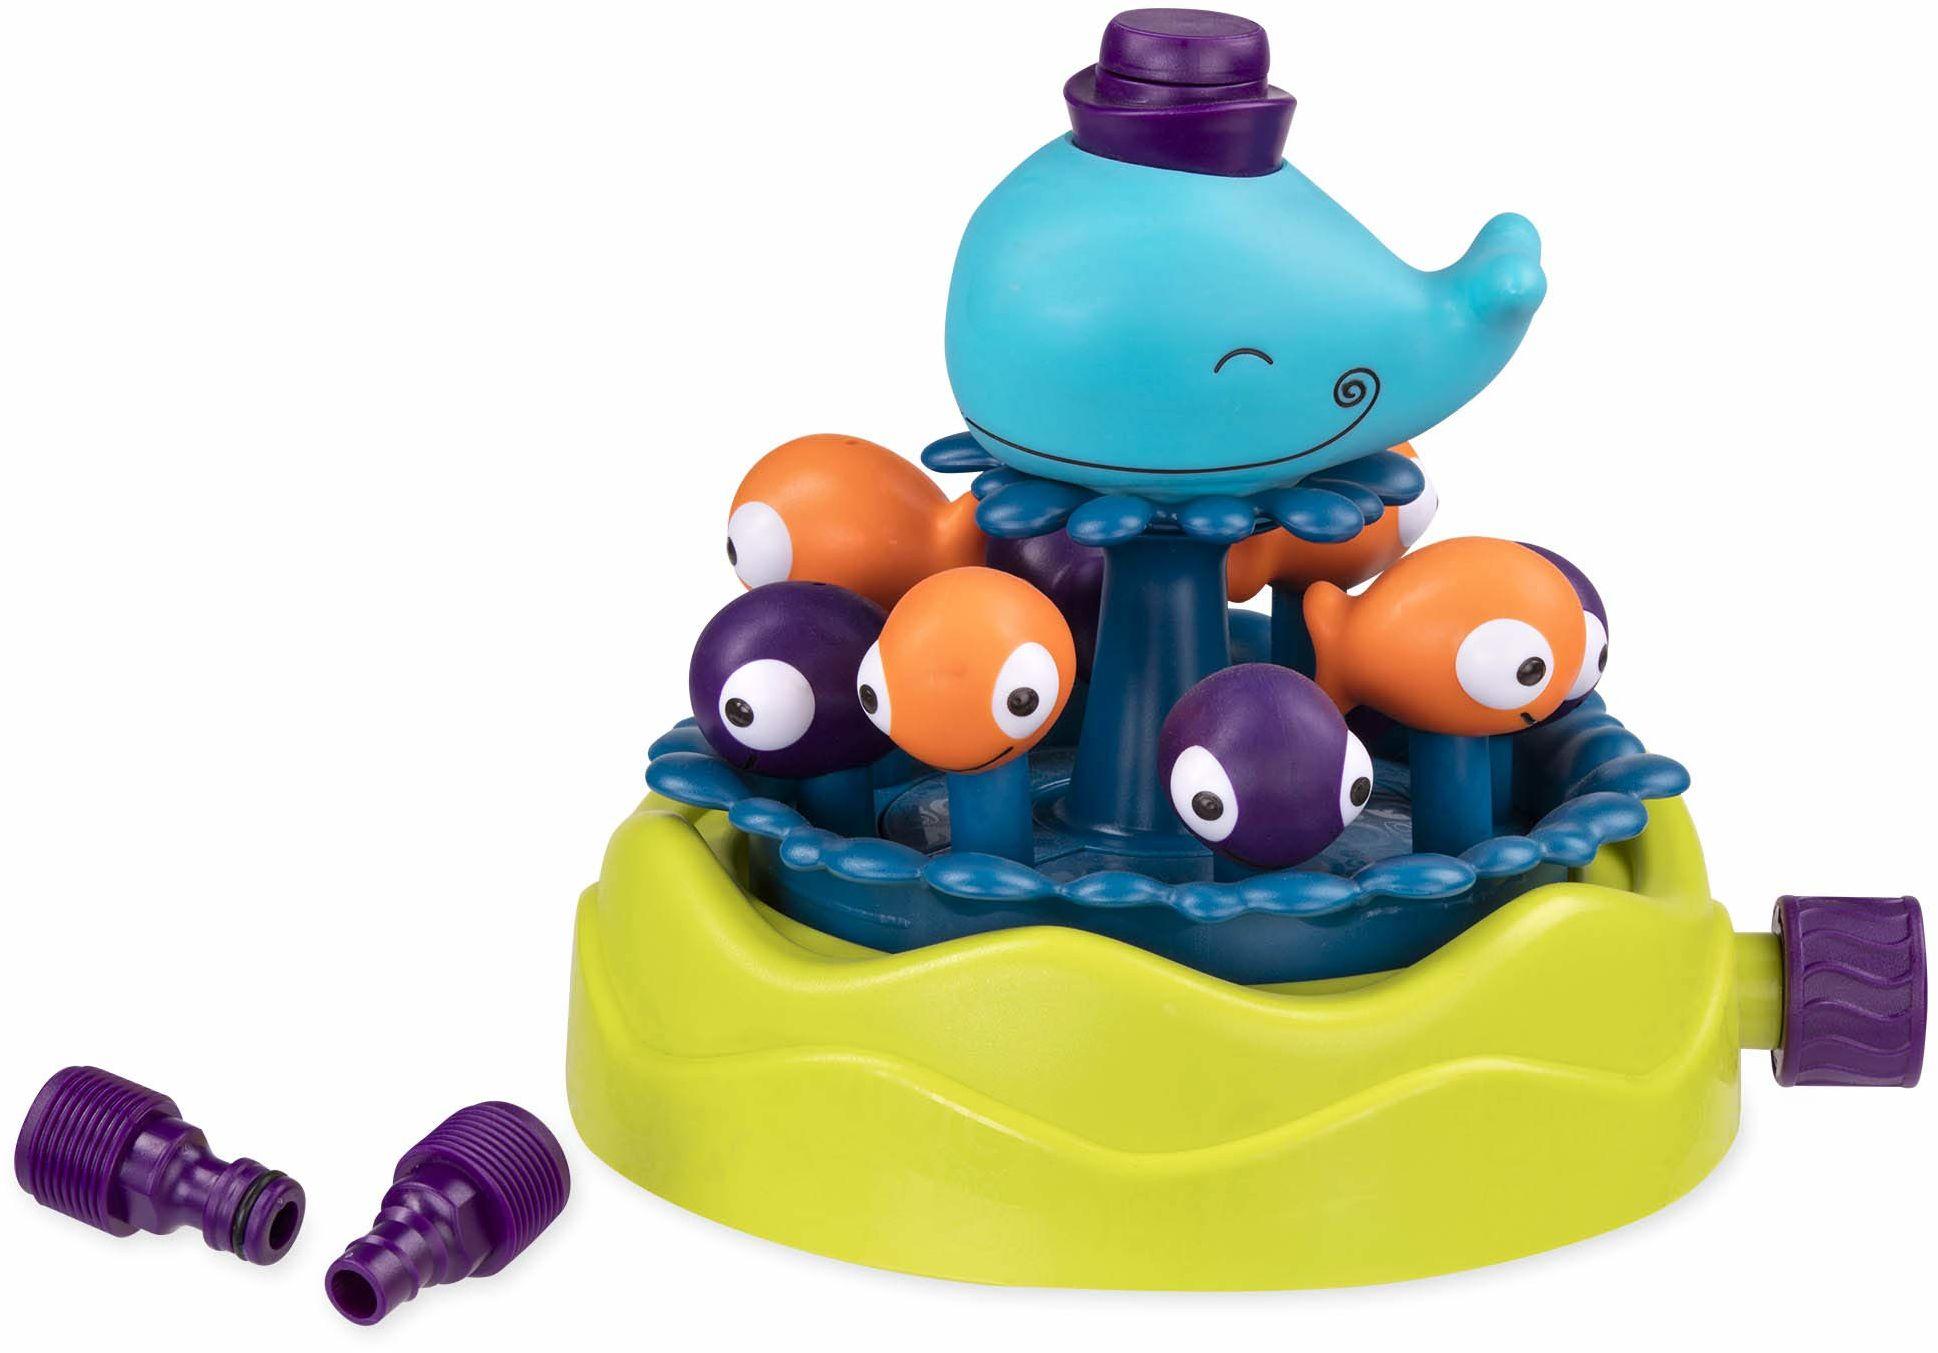 B toys by Battat - zraszacz wielorybów Whirly - zabawki na lato i wodę dla dzieci - wolne od ftalanów i BPA - 2 lata +